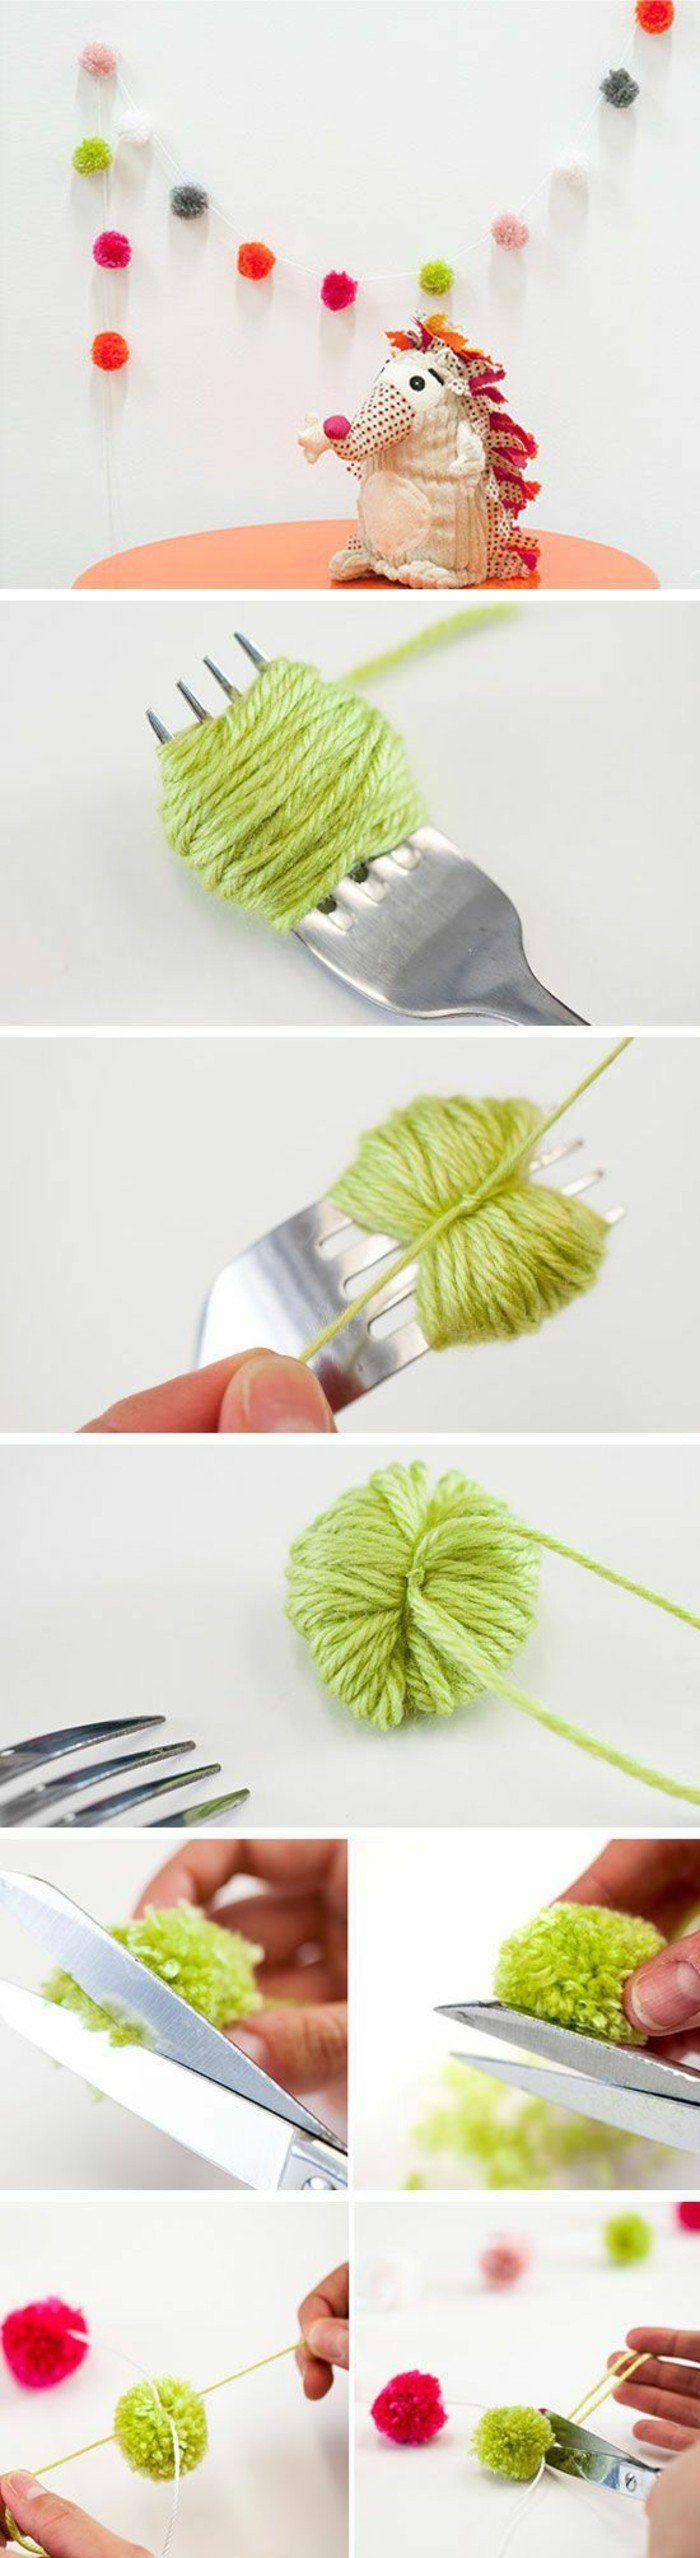 une guirlande DIY de pompons, idée simple comment fabriquer un pompon à l'aide d'une fourchette et puis faire une guirlande pour la chambre enfant